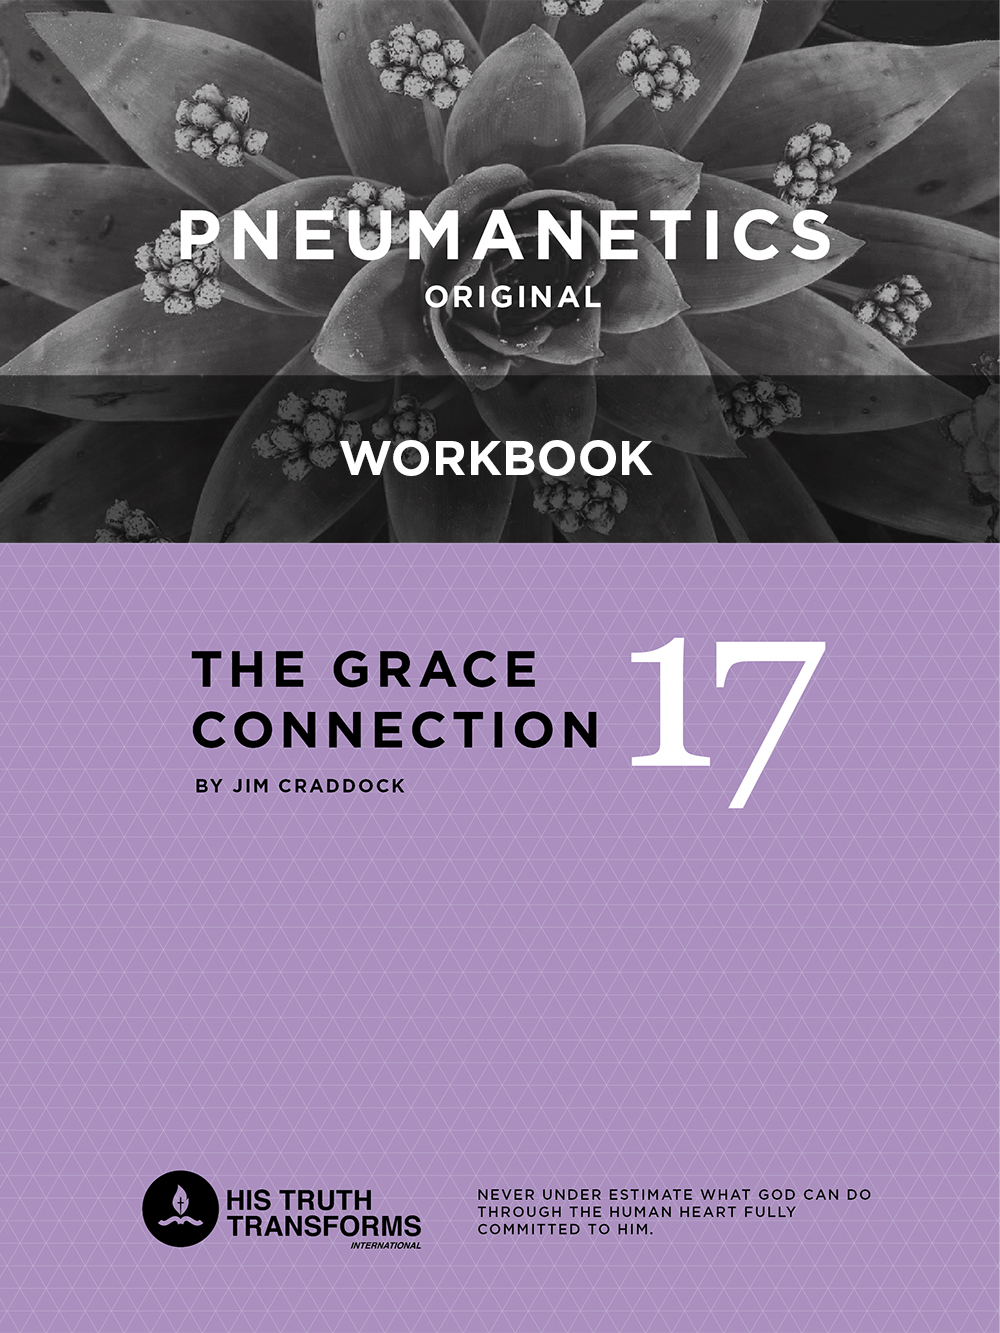 pneumanetics-17-workbook.jpg